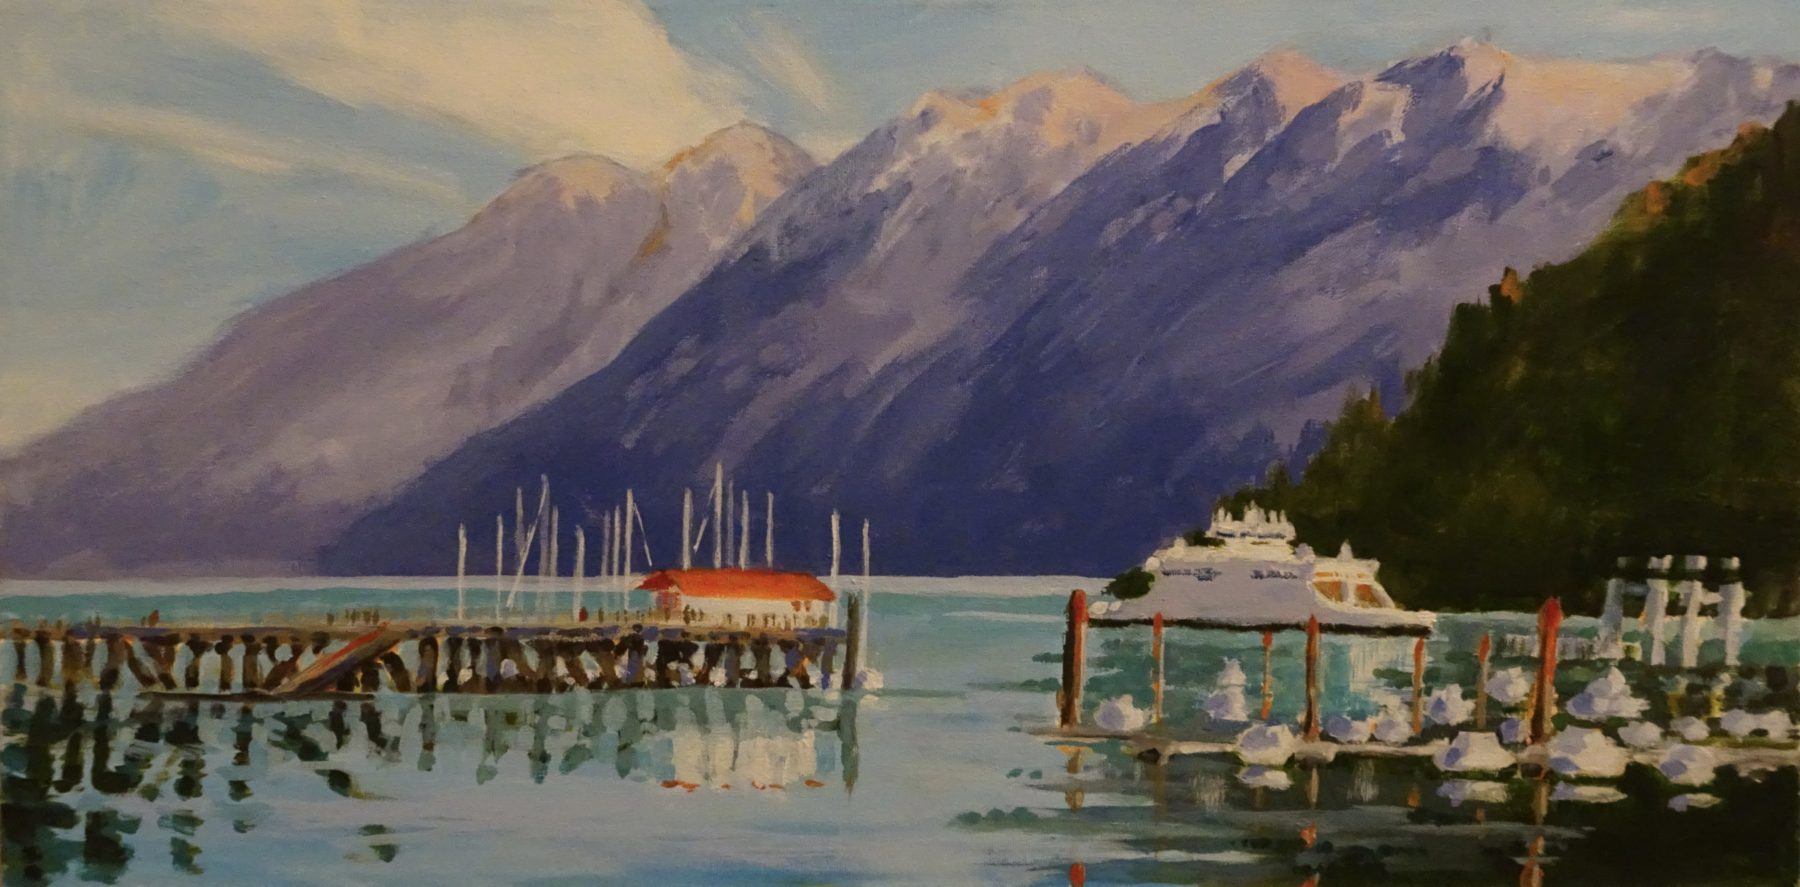 Horseshoe Bay 12 x 24 acrylic on canvas - sold